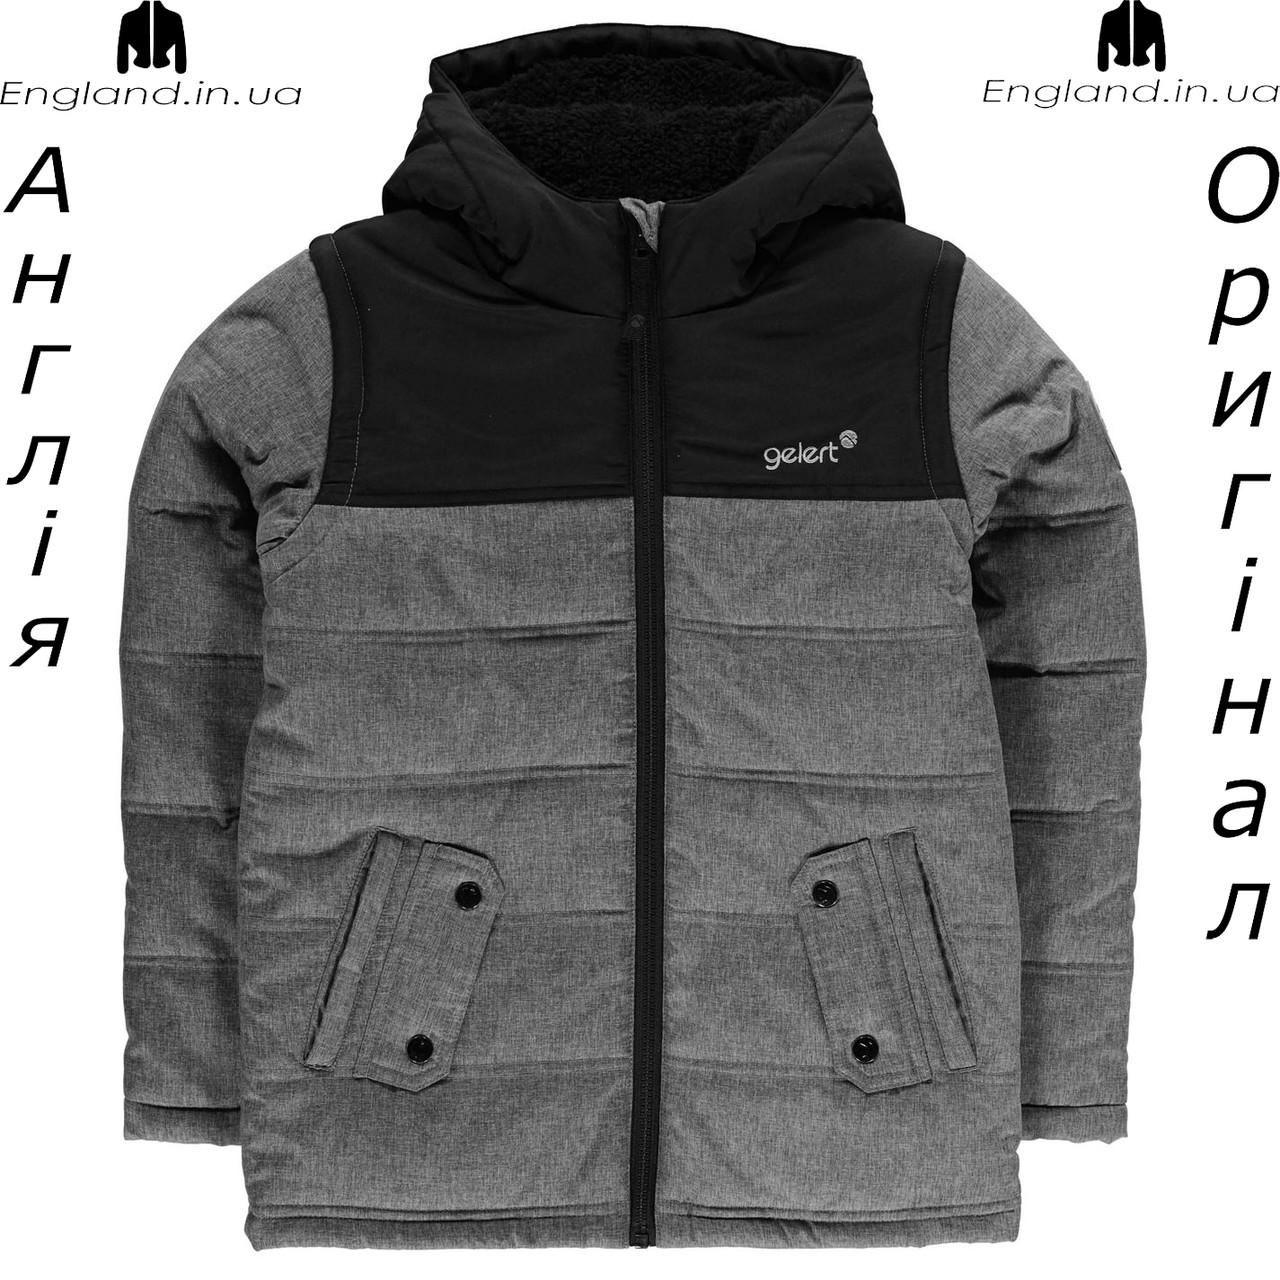 Куртка Gelert из Англии для мальчиков 2-14 лет - осенняя серая